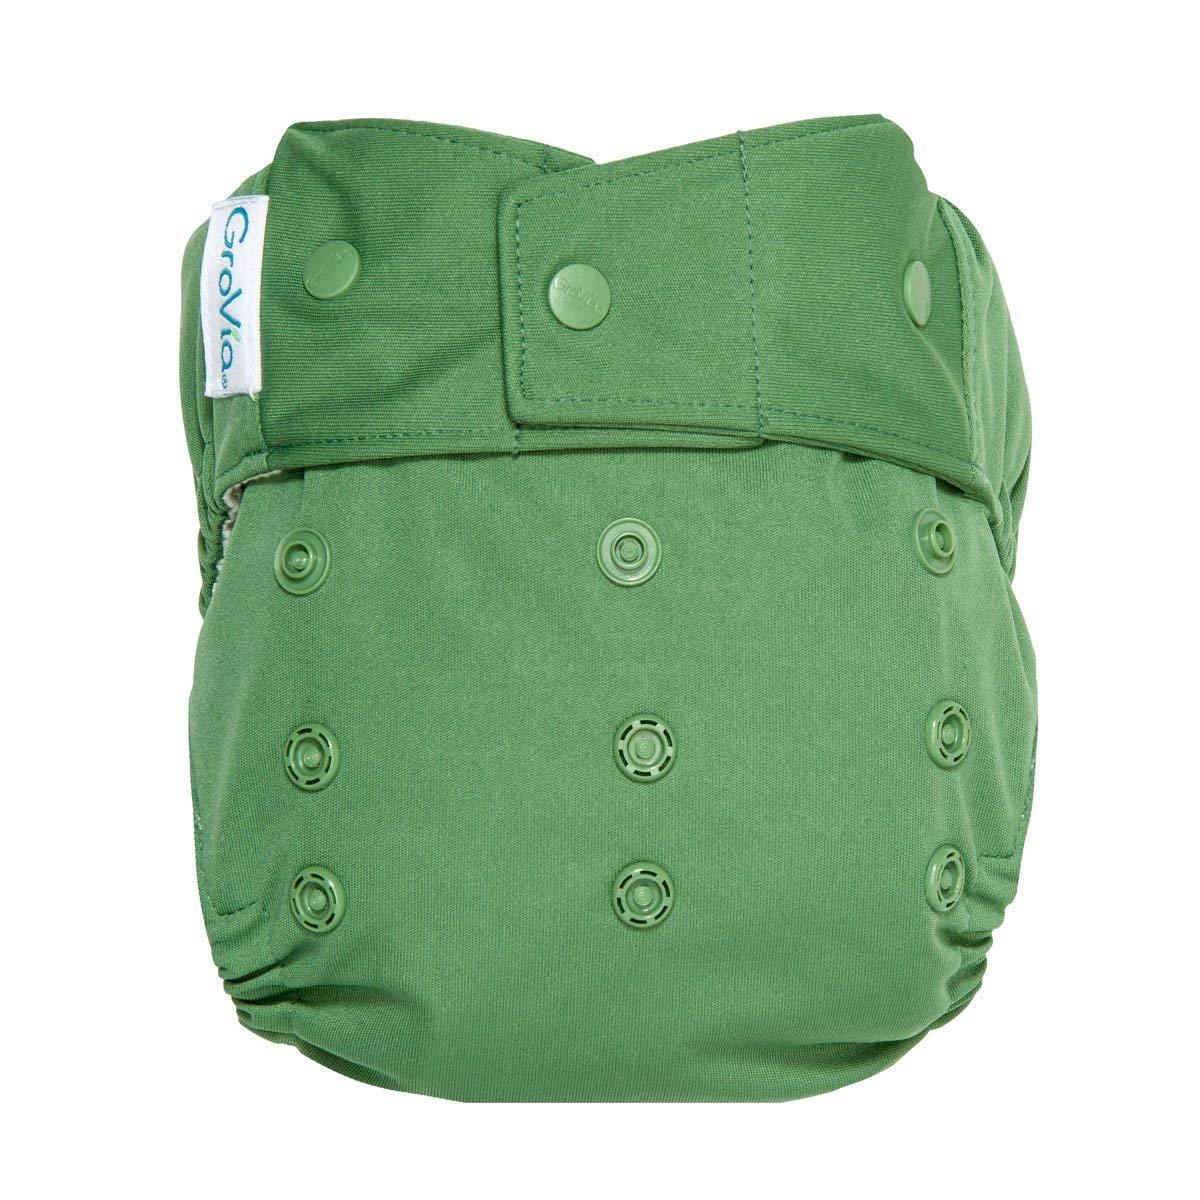 GroVia Reusable Hybrid Baby Cloth Diaper Snap Shell (Basil) by GroVia